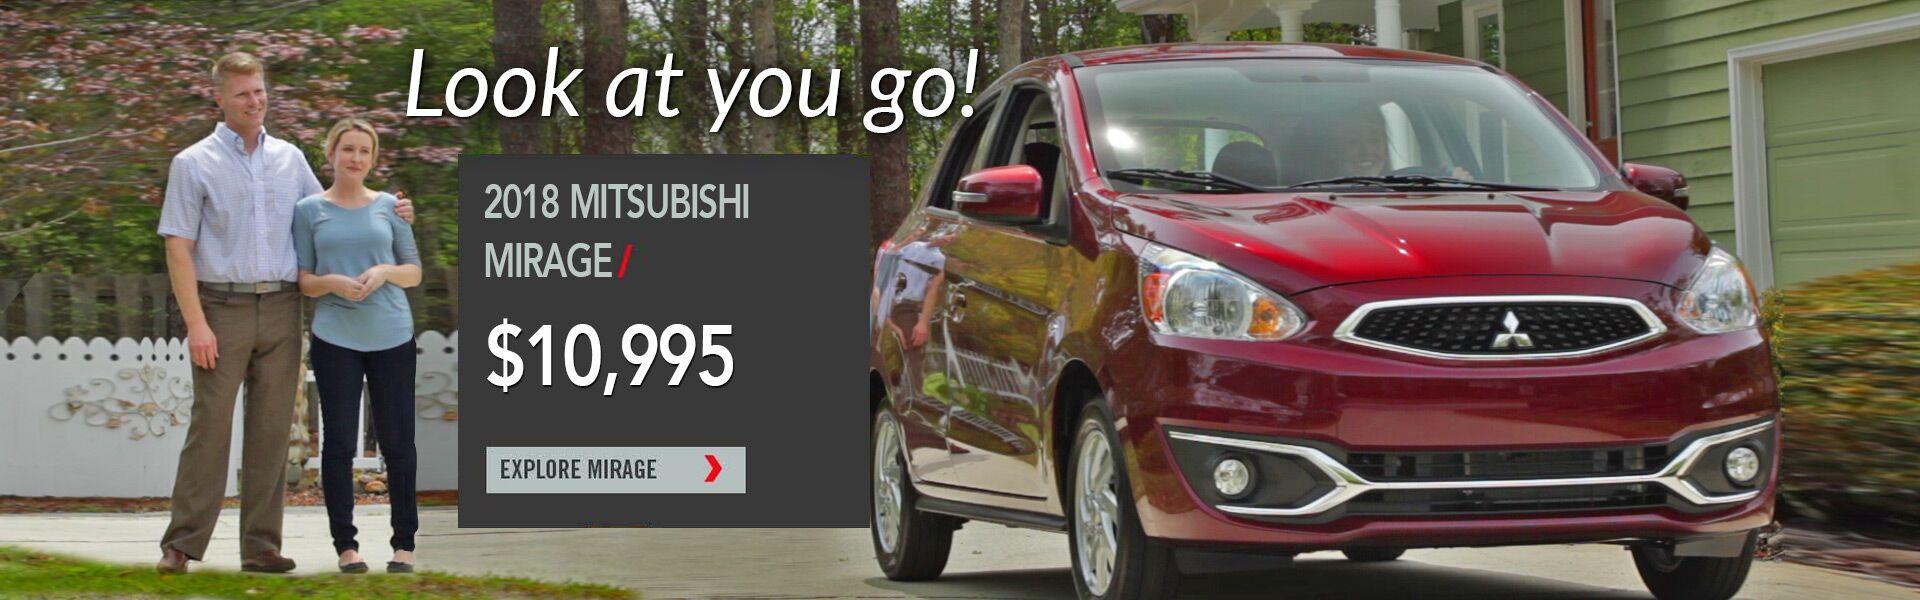 Mitsubishi Dealership Wilmington NC | Used Cars D&E Mitsubishi